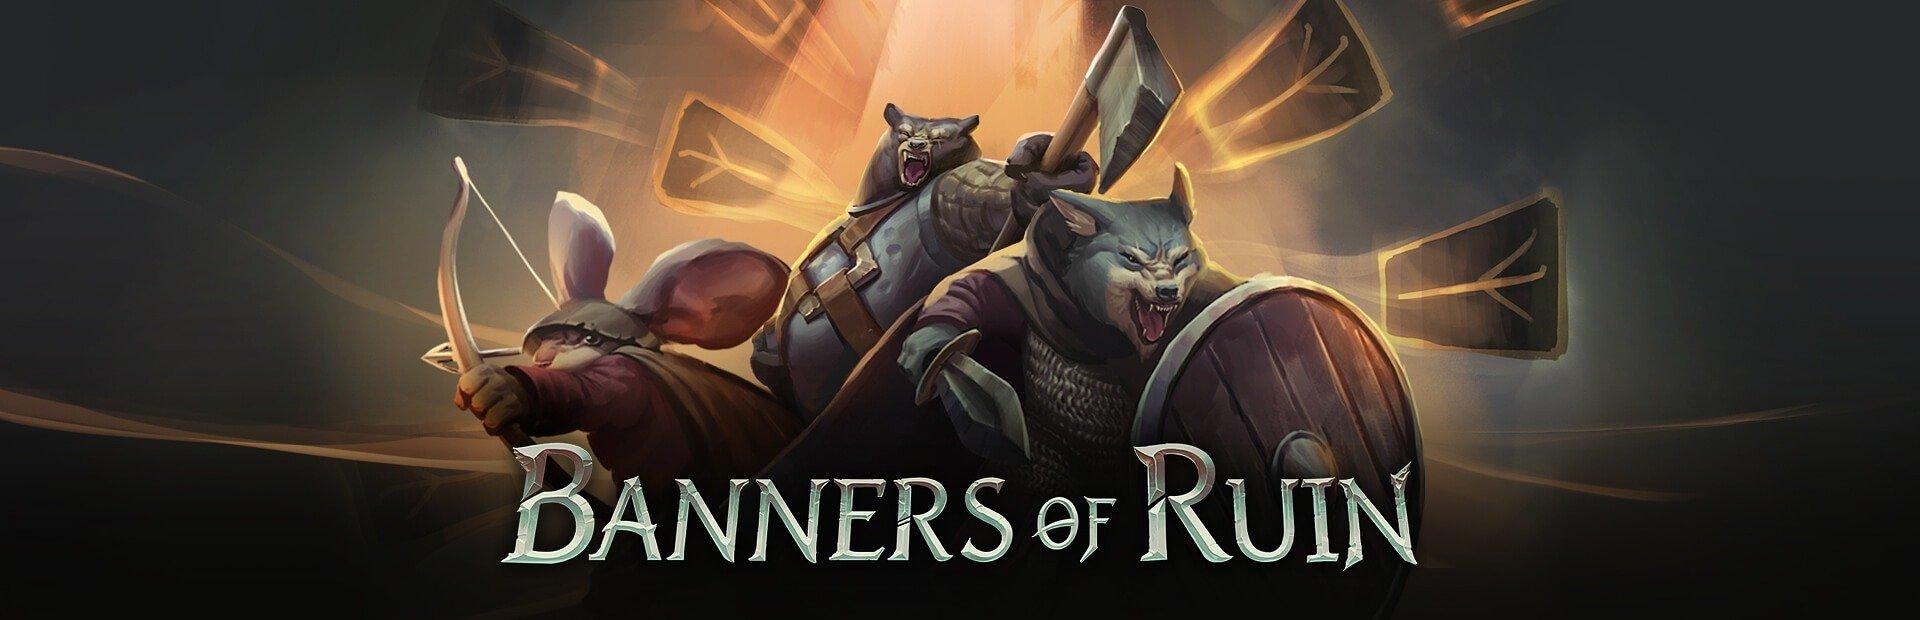 Banners of Ruin pojawi się 30 lipca na PC we Wczesnym Dostępie